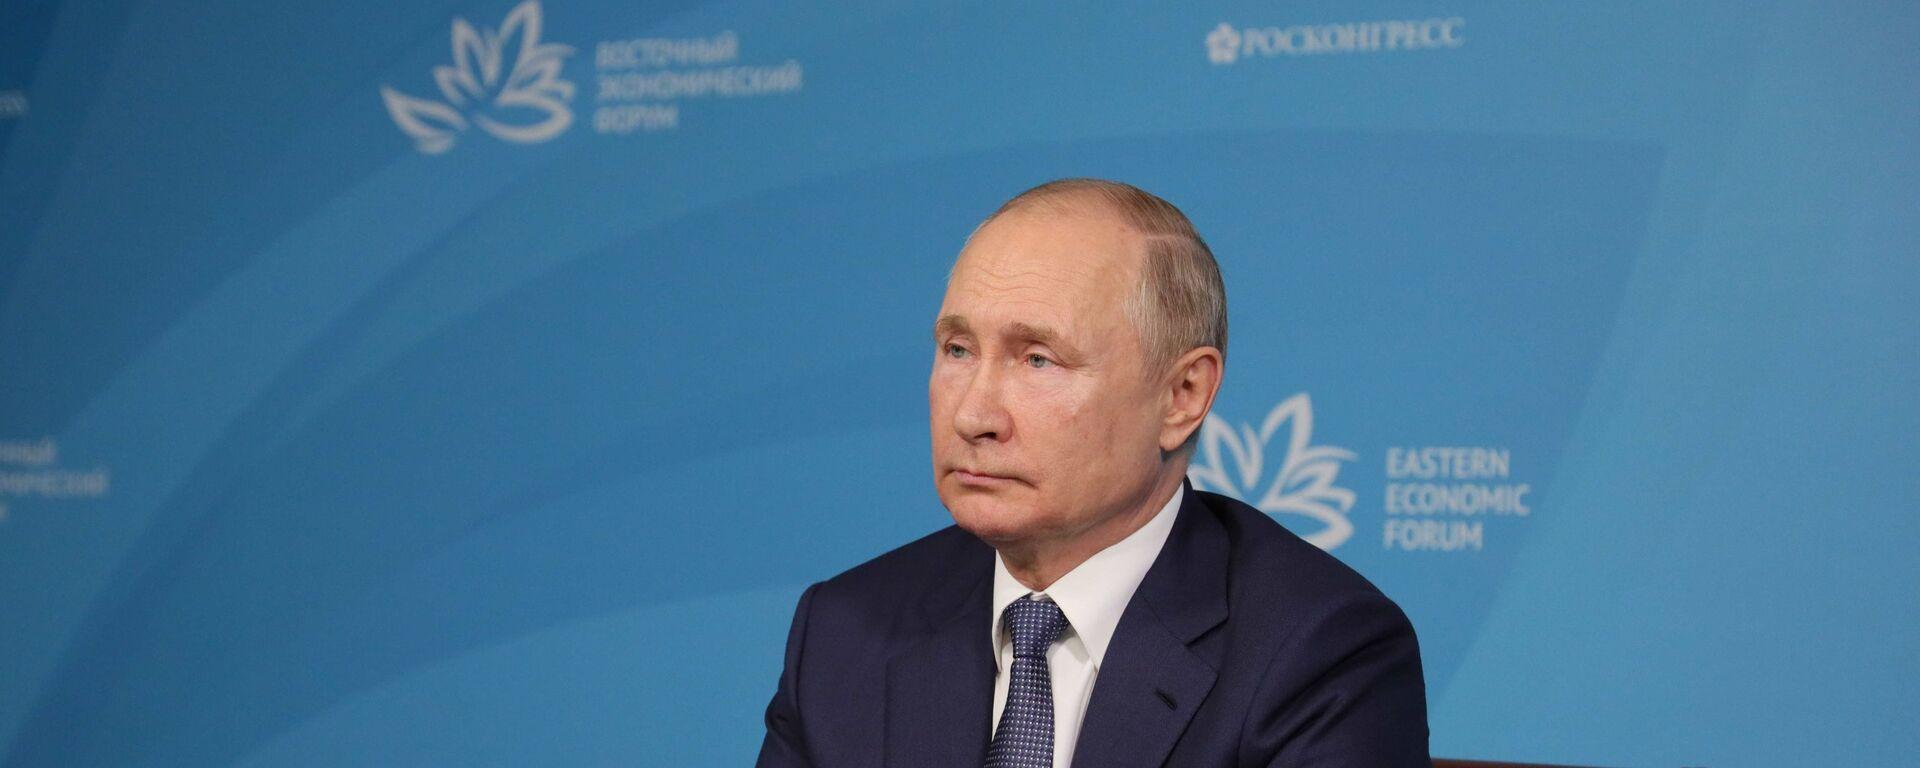 Ruský prezident Vladimir Putin - Sputnik Česká republika, 1920, 10.09.2021